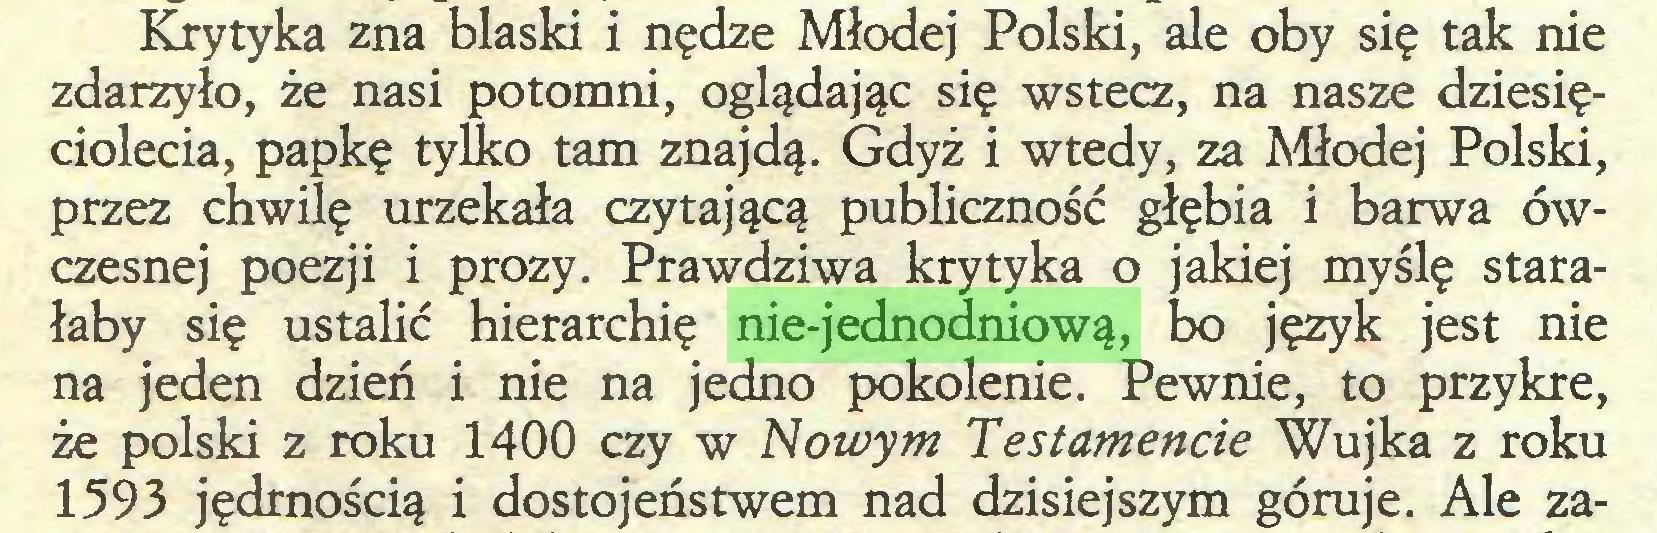 (...) Krytyka zna blaski i nędze Młodej Polski, ale oby się tak nie zdarzyło, że nasi potomni, oglądając się wstecz, na nasze dziesięciolecia, papkę tylko tam znajdą. Gdyż i wtedy, za Młodej Polski, przez chwilę urzekała czytającą publiczność głębia i barwa ówczesnej poezji i prozy. Prawdziwa krytyka o jakiej myślę starałaby się ustalić hierarchię nie-jednodniową, bo język jest nie na jeden dzień i nie na jedno pokolenie. Pewnie, to przykre, że polski z roku 1400 czy w Nowym Testamencie Wujka z roku 1593 jędrnością i dostojeństwem nad dzisiejszym góruje. Ale za...